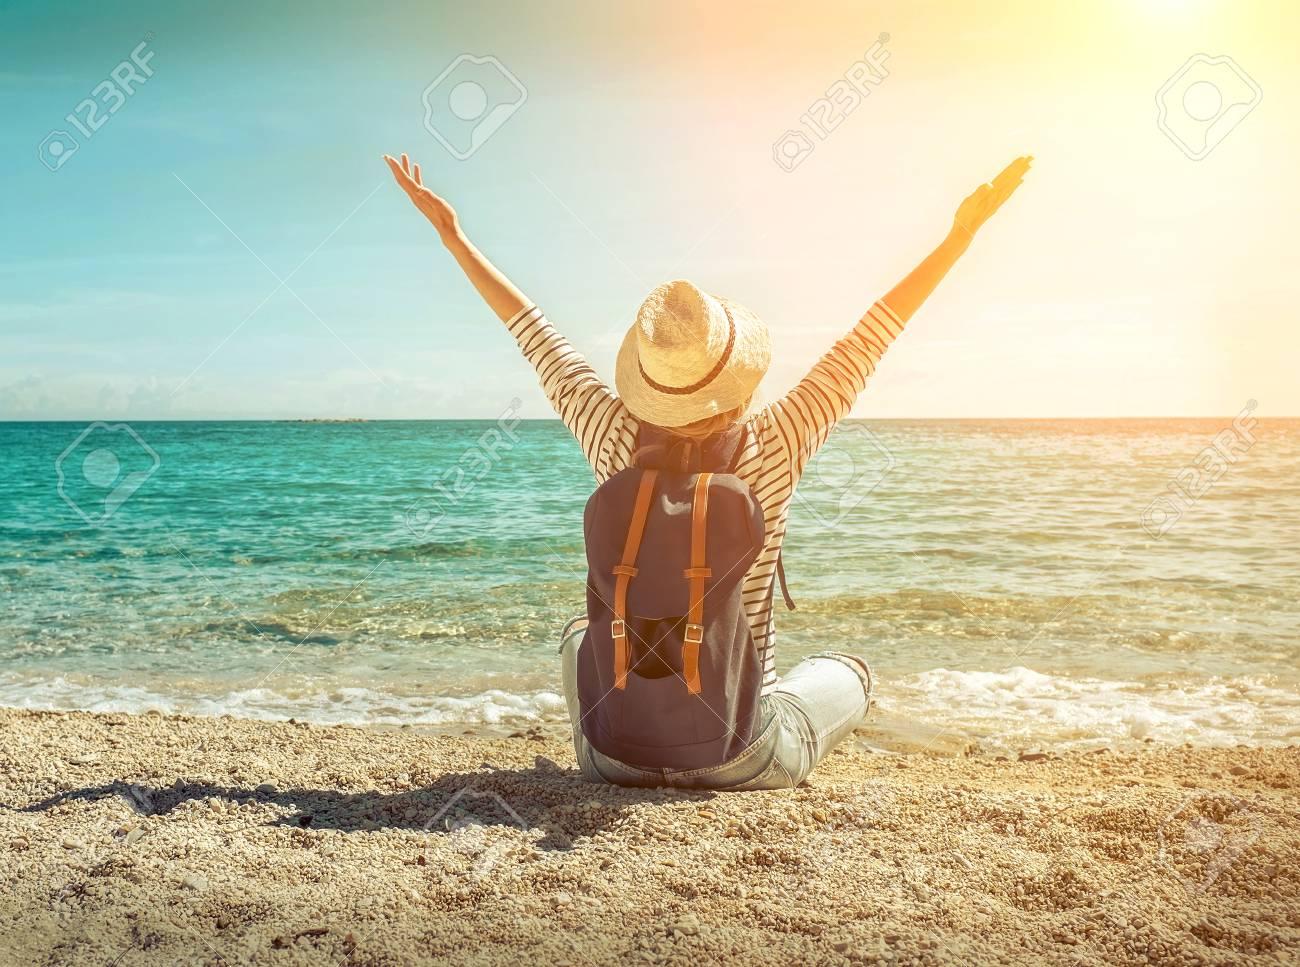 77980f2c8 Mujer Rubia En Sombrero De Verano Con Su Mochila Sentado En La Arena Por La  Playa De Mar. Vista Marítima. Libertad. Viento. Verano. Playa. Vacaciones.